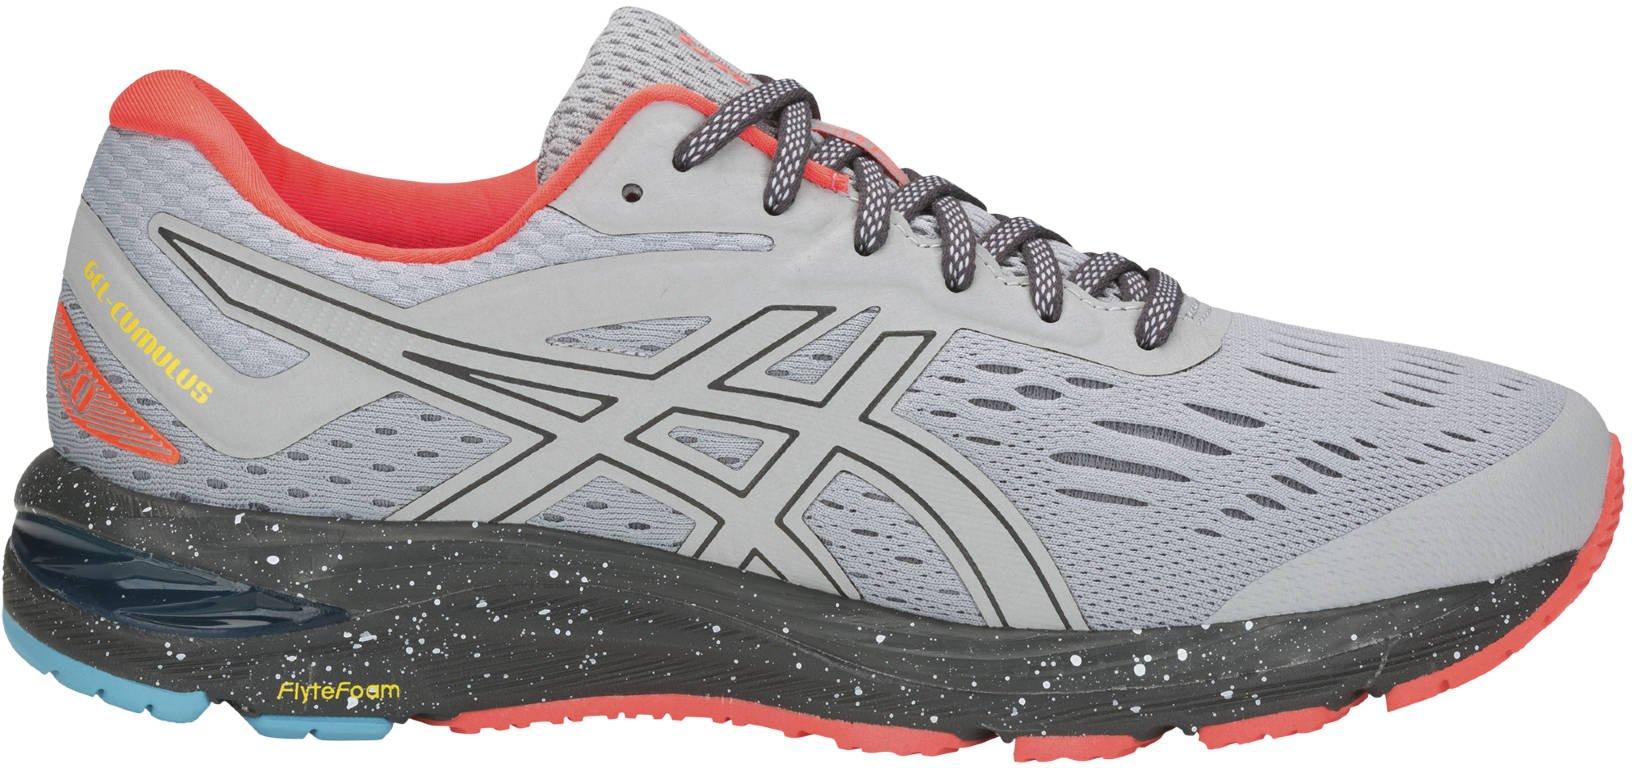 Pánská běžecká obuv Asics Gel-Cumulus 20 Limited Edition